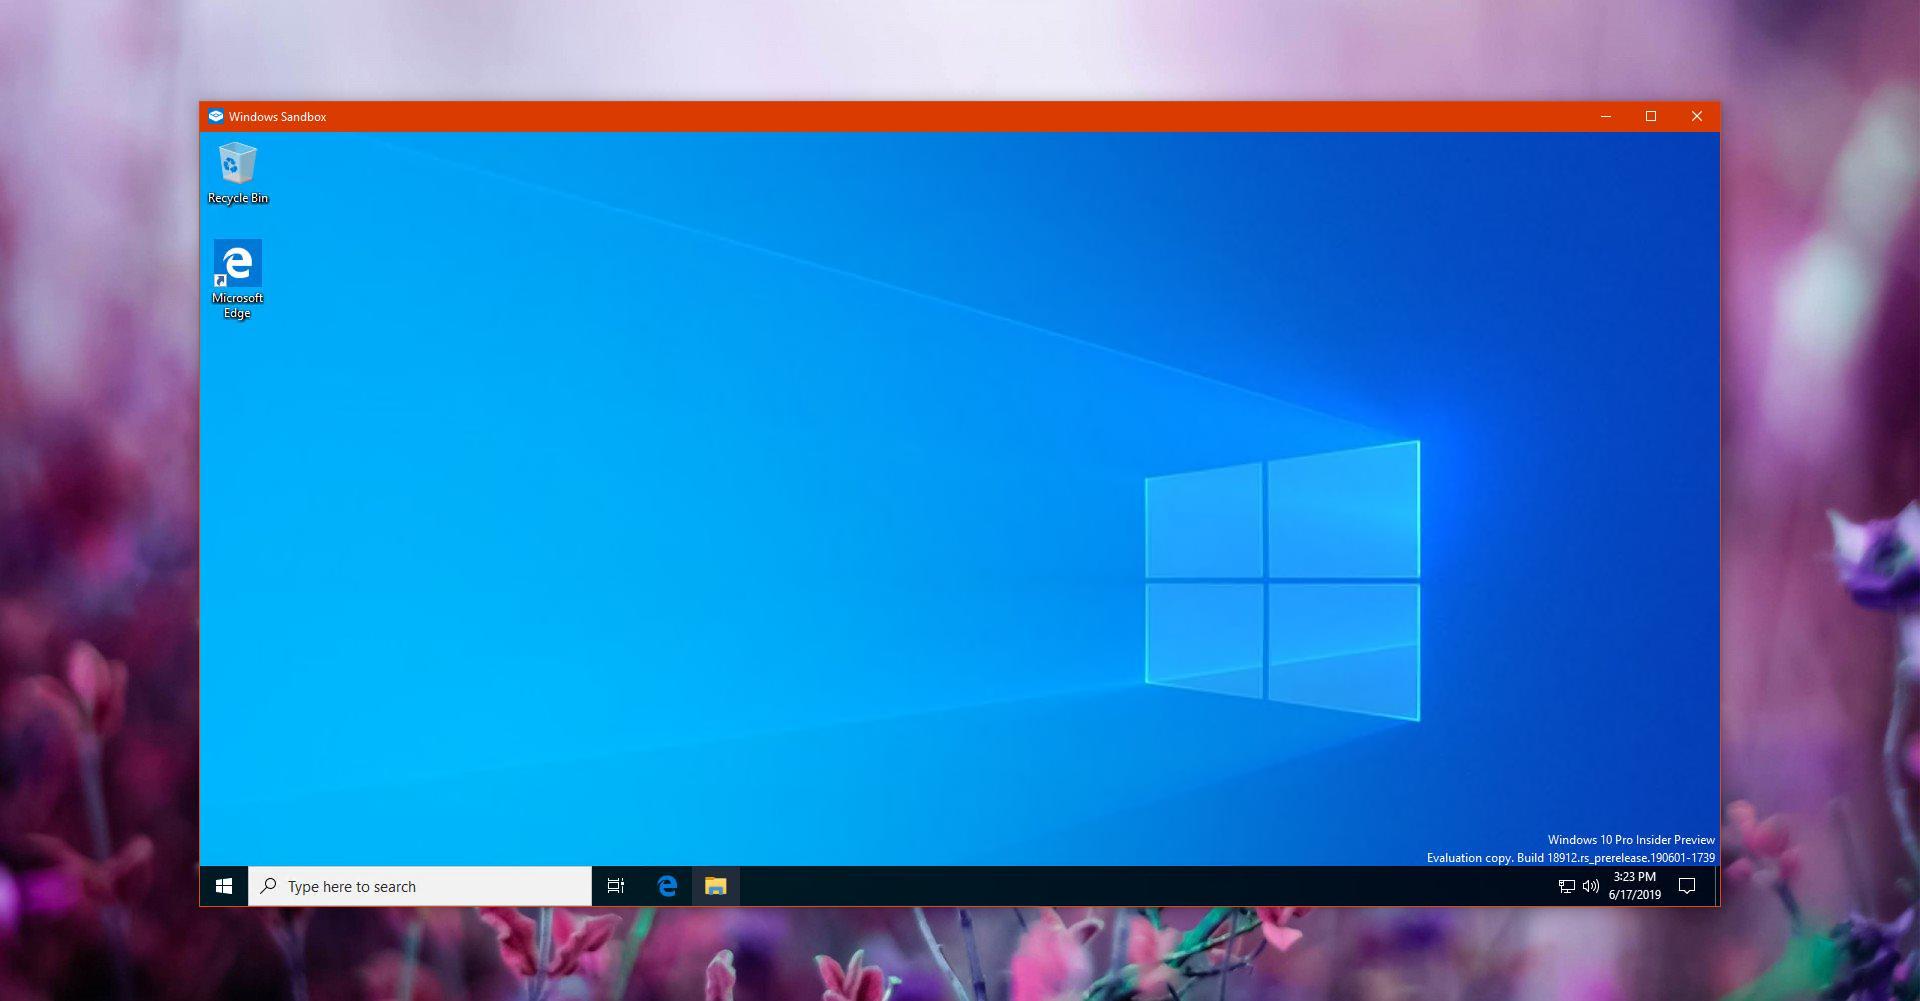 Configure Windows Sandbox in Windows 10 Version 1903